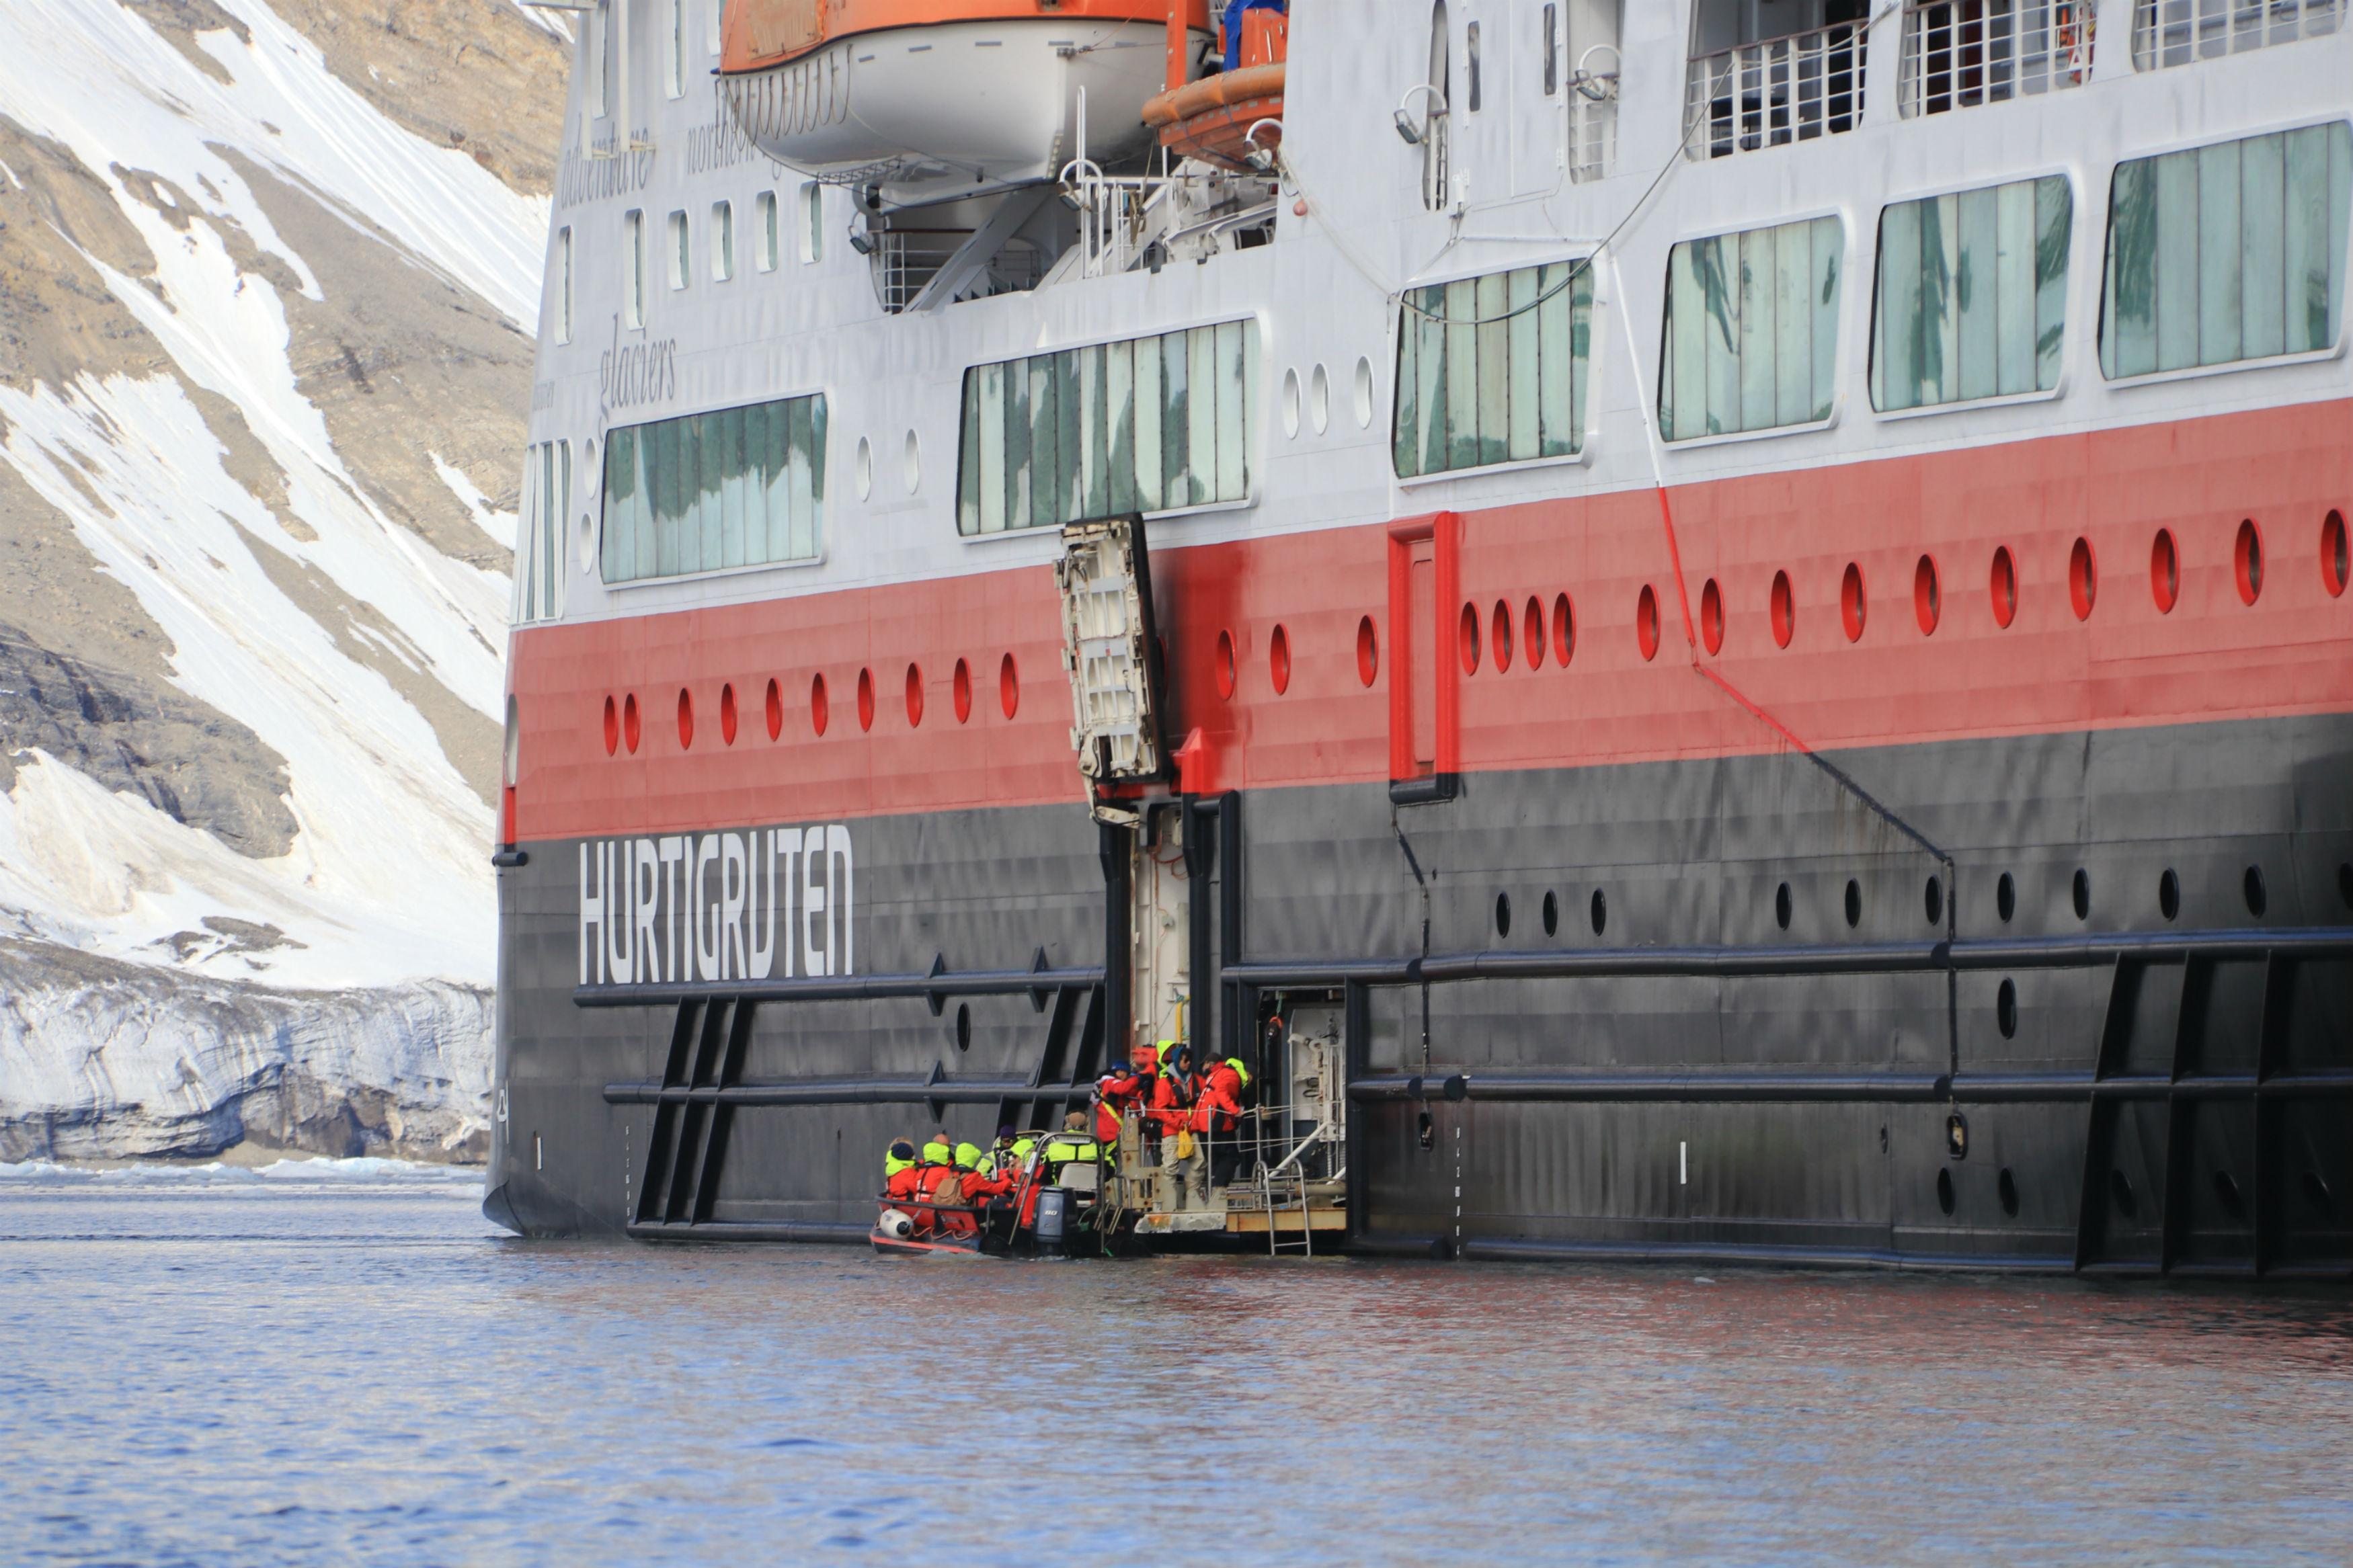 © Arnau Ferrer: Die Hurtigruten in Spitzbergen bei einer Anlandung